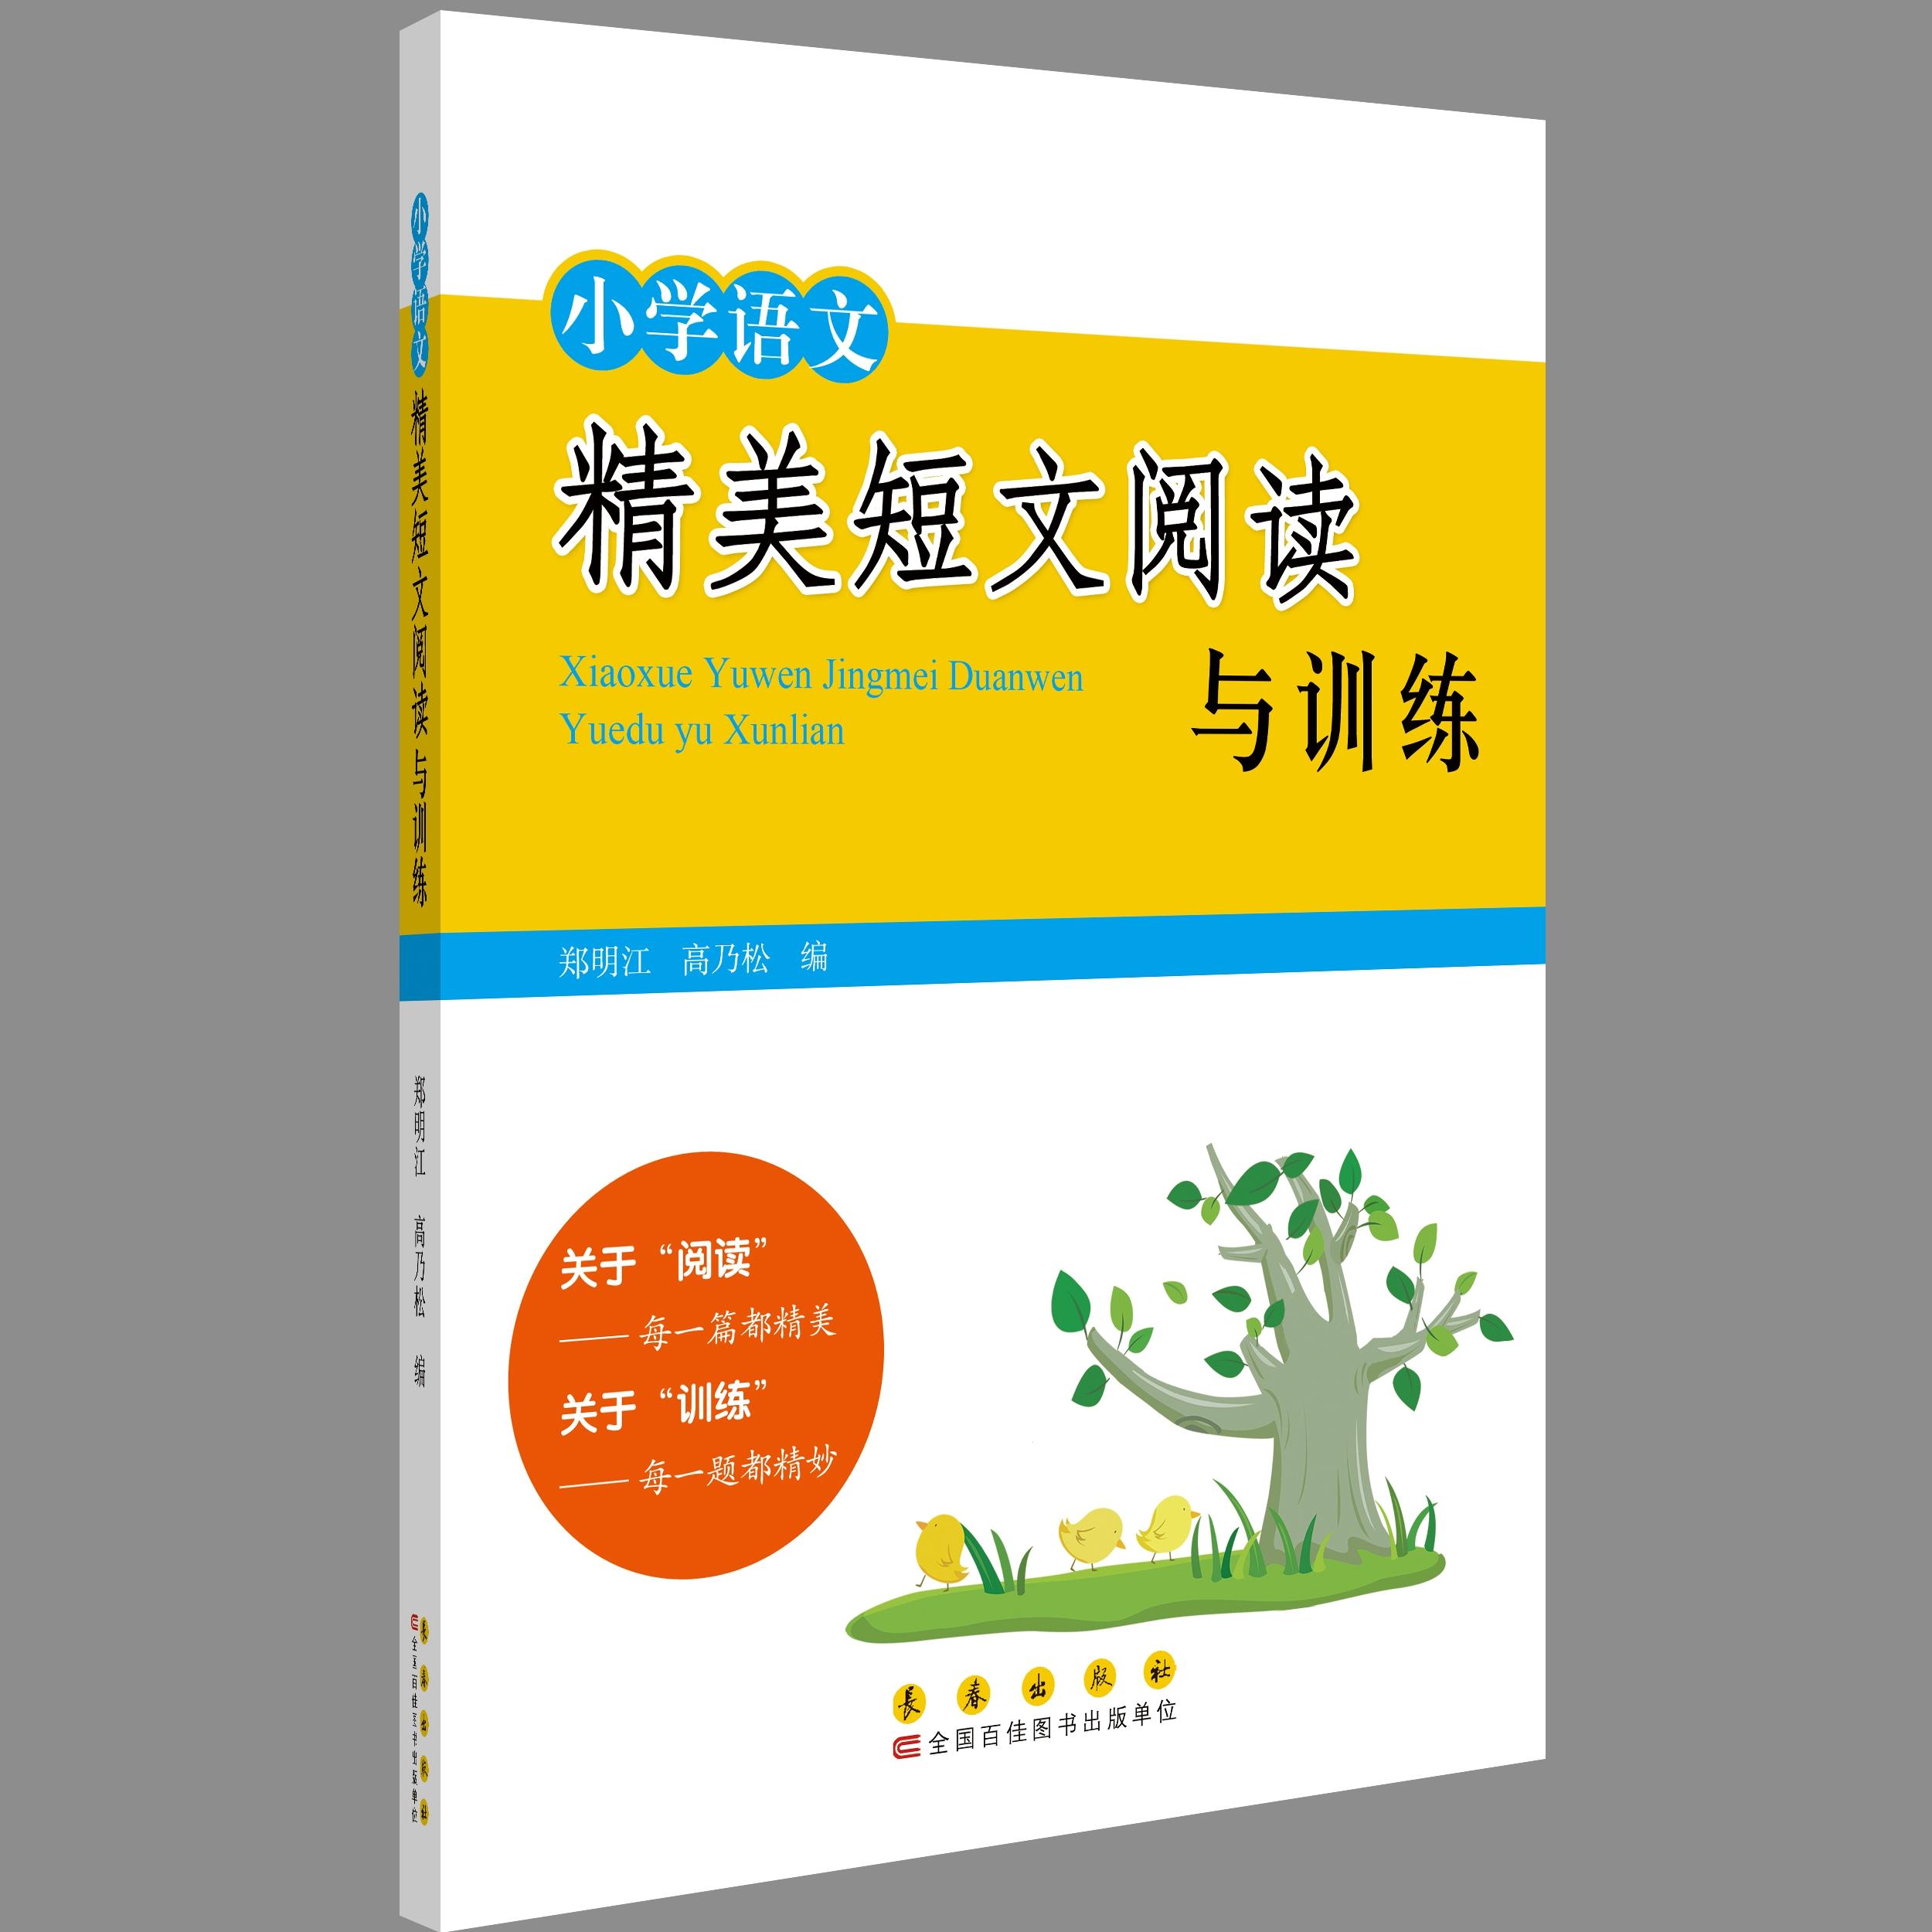 《小学语文精美短文阅读与训练》主编:郑明江、高乃松